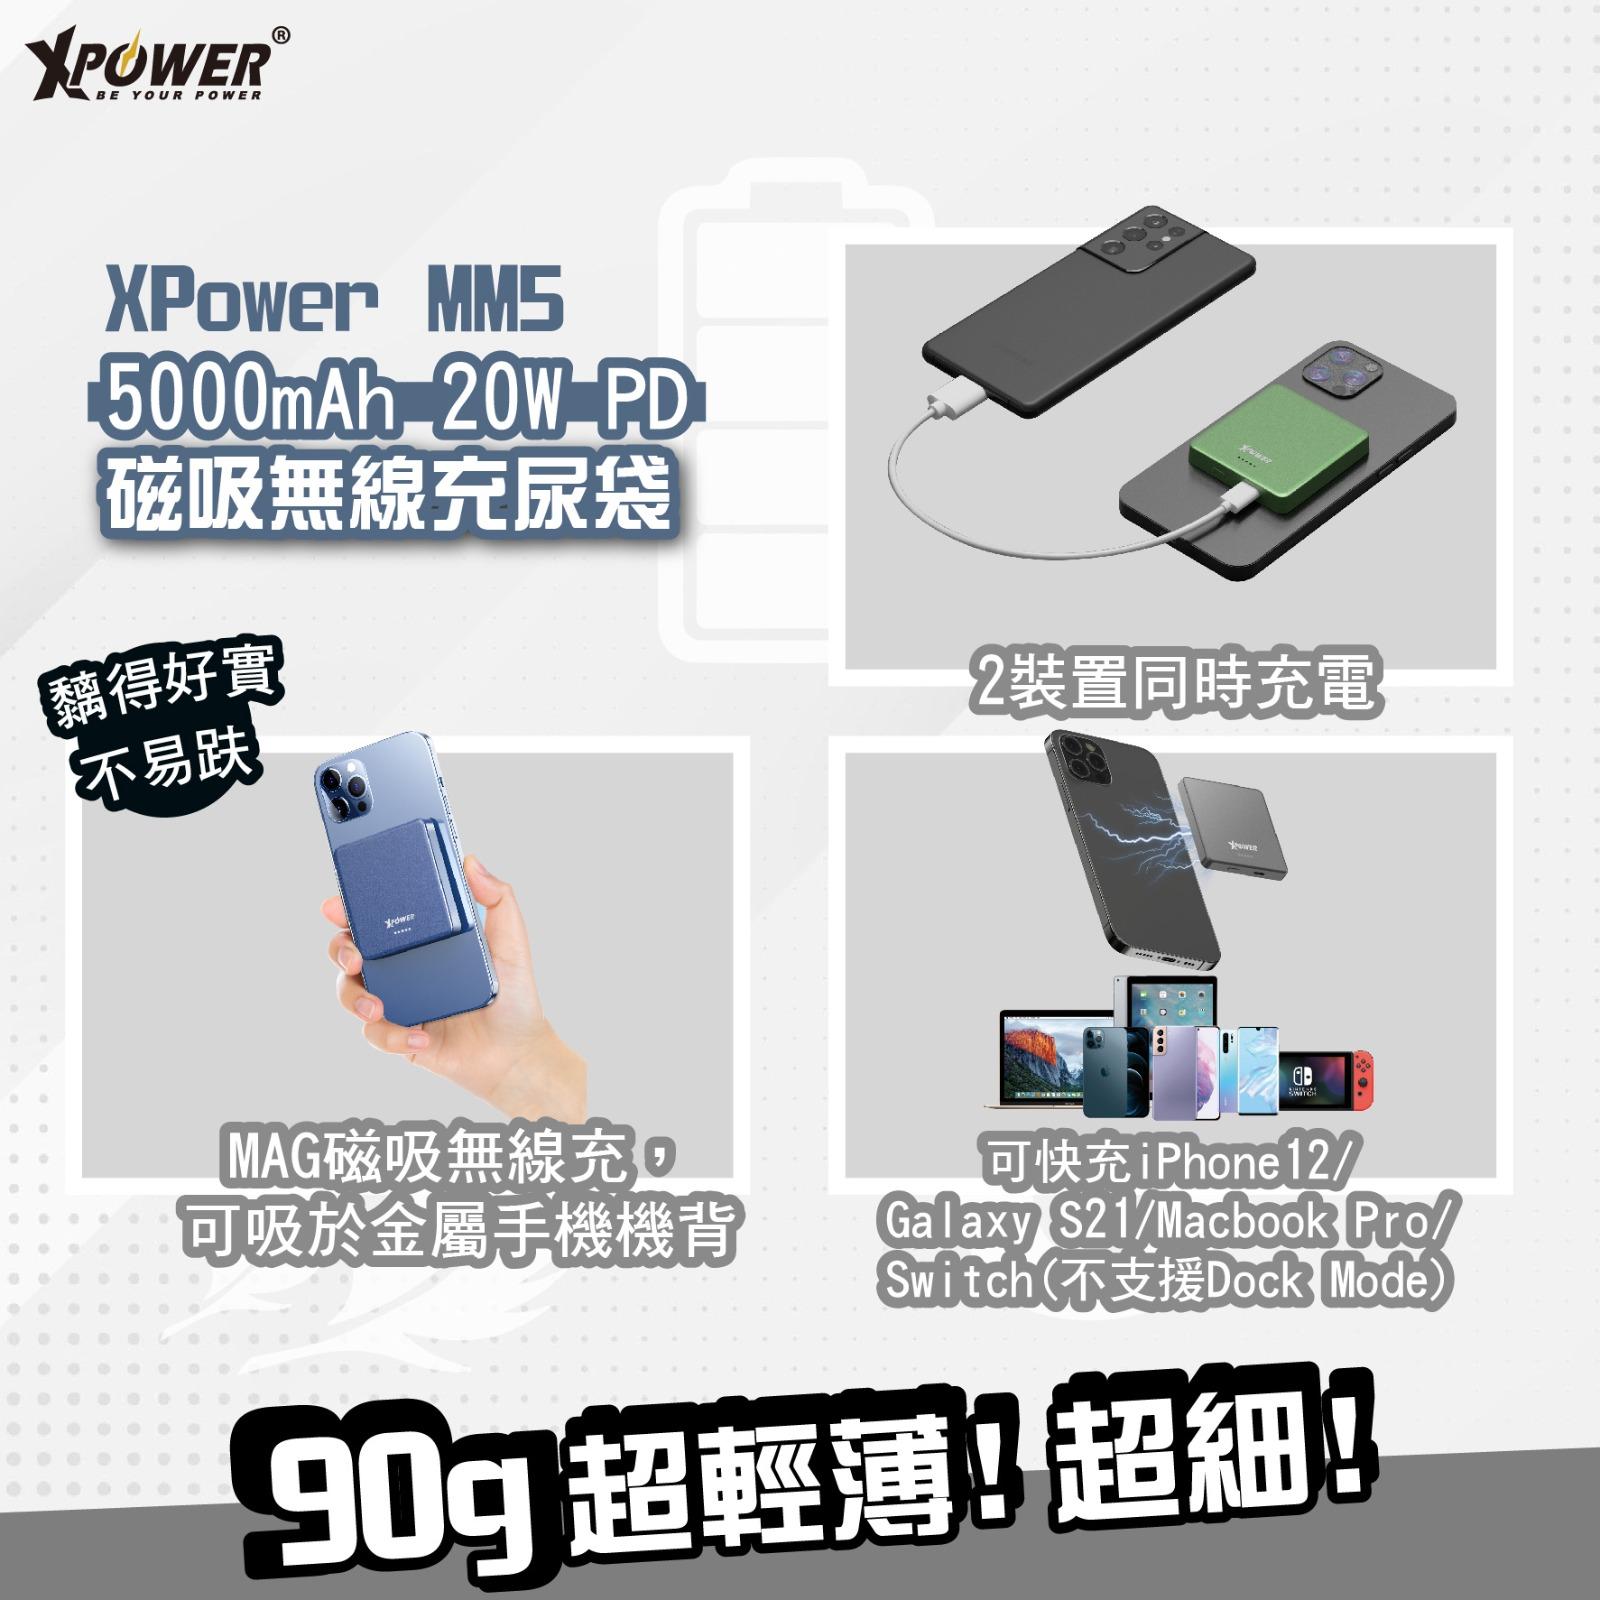 Xpower MINI MAG 5 無線充+PD外置充電器